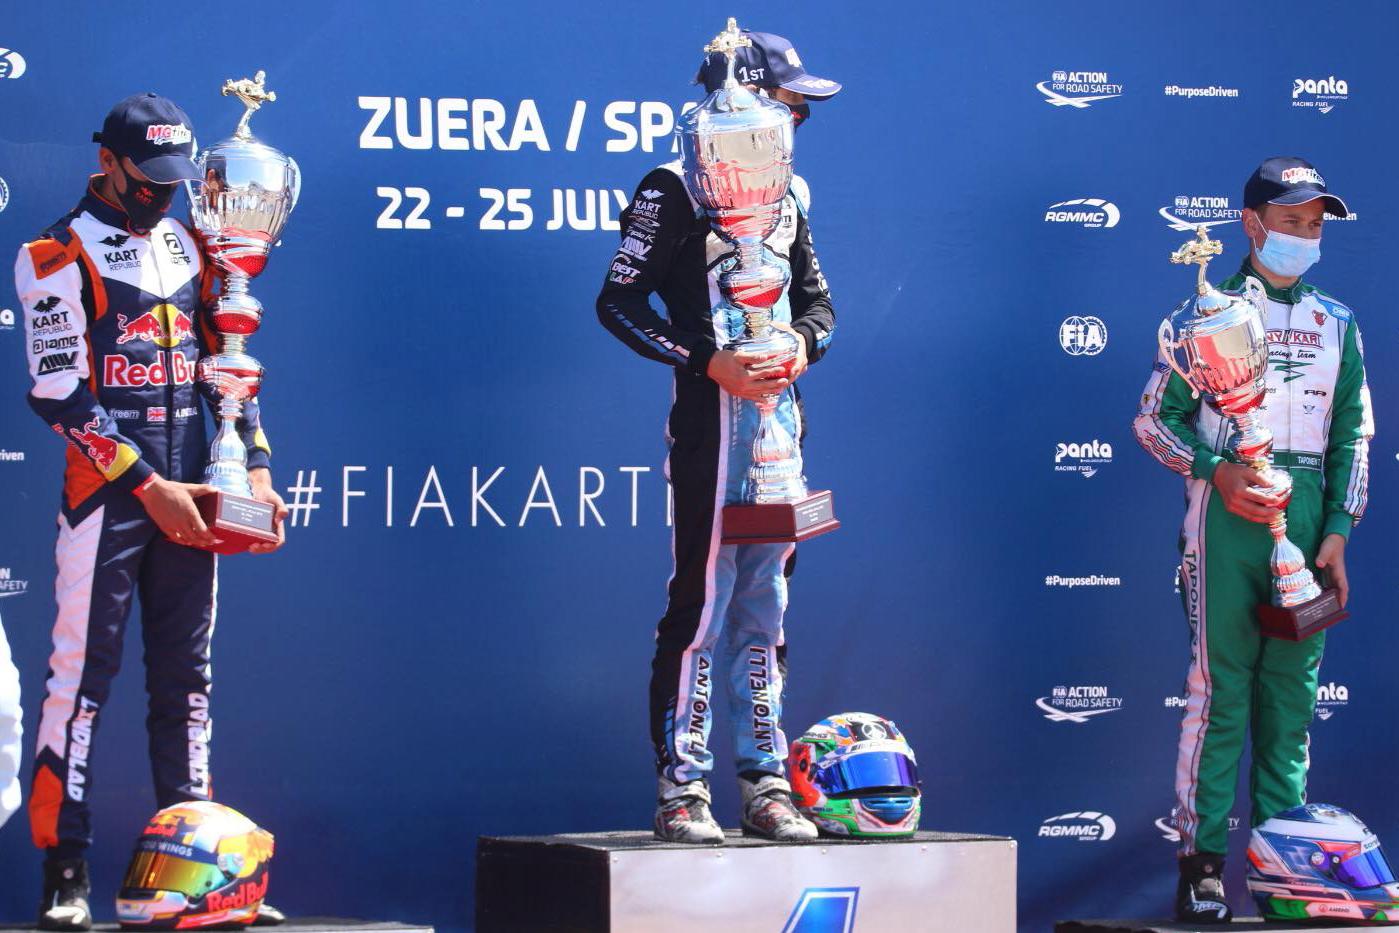 Europeo FIA Zuera - Slater y Antonelli campeones, Rubén Moya brilla